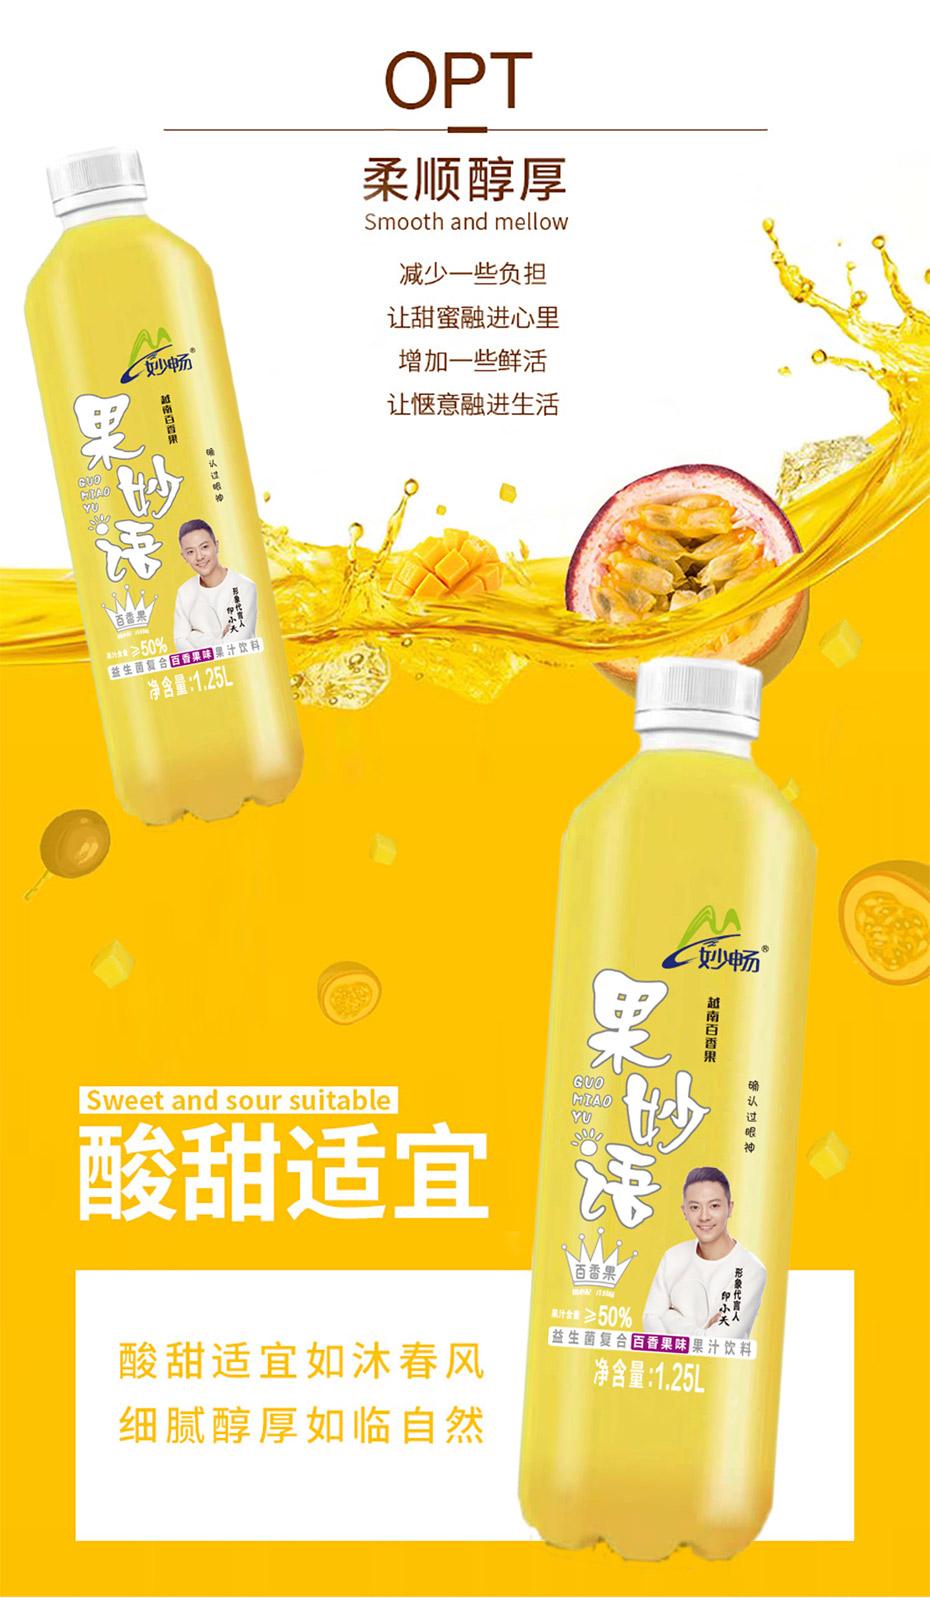 益生菌复合百香果味果汁饮料